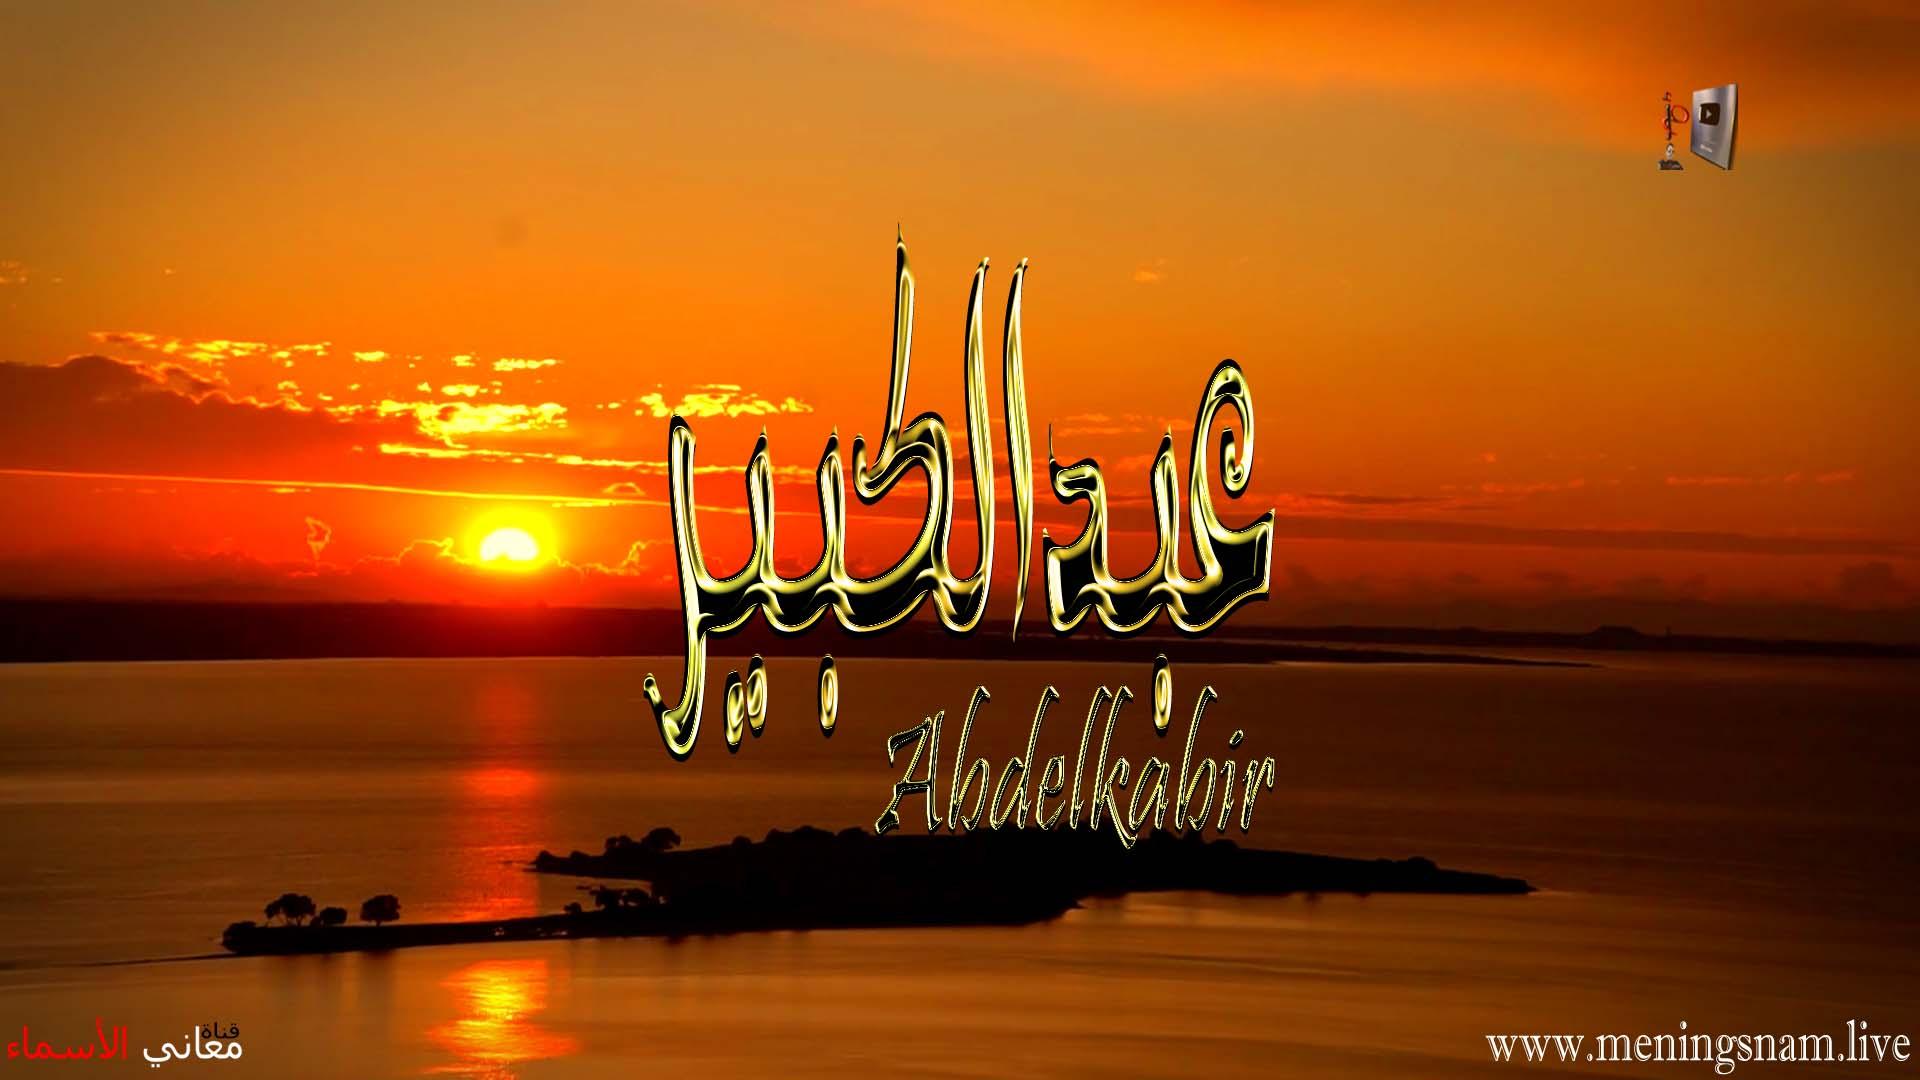 معنى اسم عبد الكبير, وصفات حامل, هذا الاسم, Abdulkabir, abdul kabir, abdul kabir mohammad jan, abdul kabir mohammad jan ofac, abdul kabir in arabic, abdul kabir kazi, abdul kabir meaning, abdulkabir adisa aliu, kabir abdul jabbar, عبد الكبير الوادي, عبد الكبير نقاش, عبد الكبير الركاكنة, العيد الكبير, العيد الكبير 2021, العيد الكبير يوم كام 2021, العيد الكبير زينة عيد الاضحى, العيد الكبير اكلات العيد الاضحى, العيد الكبير في شهر كام, العيد الكبير موعد عيد الاضحى, عماد عبد الكبير, عبد الكبير عبقار, عبد الكبير عقاري, اللاعب عبد الكبير النقاش, اسم عبد الكبير,